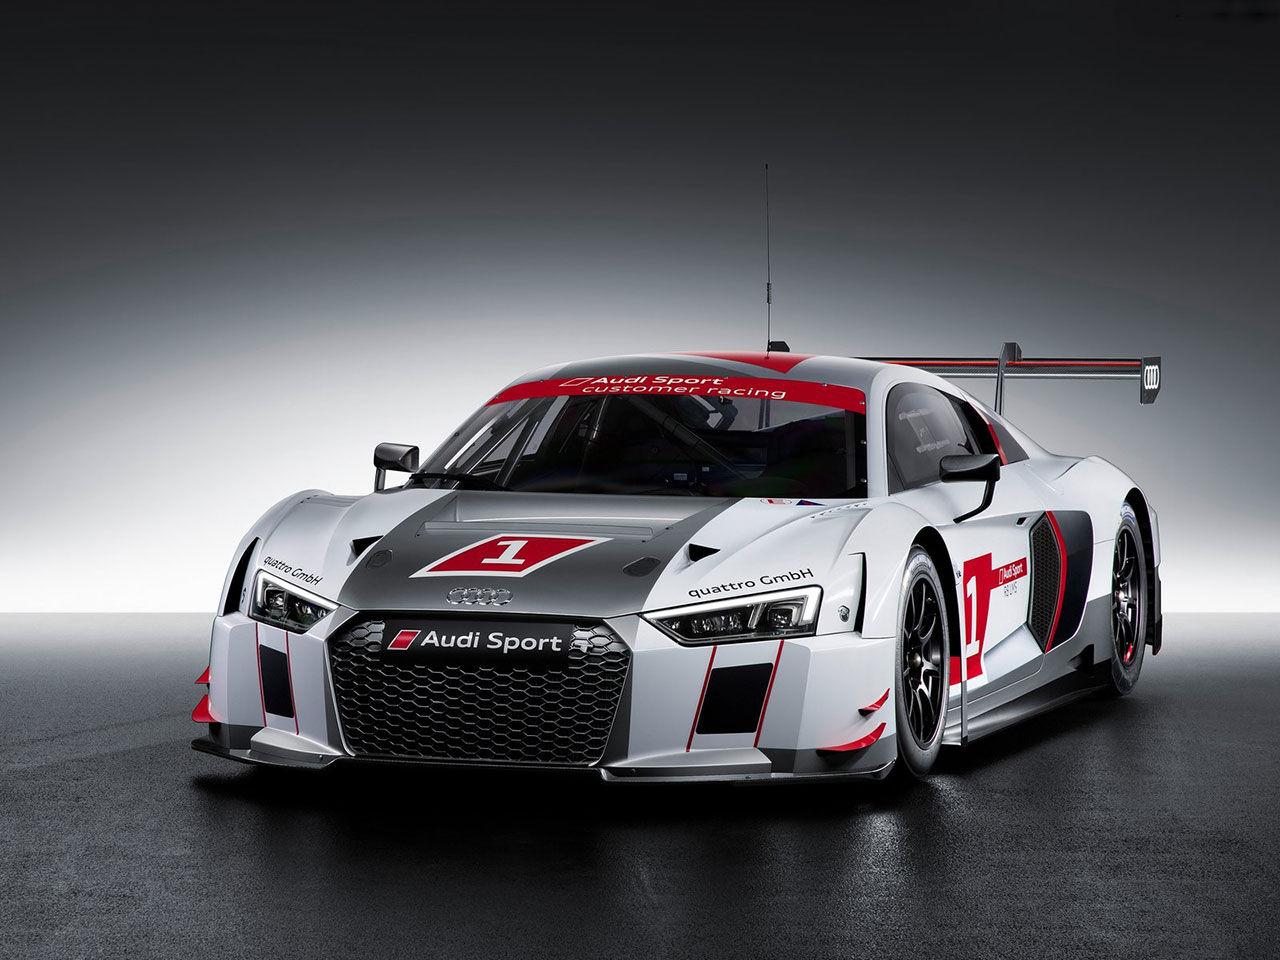 Nya Audi R8 i tävlingsskrud